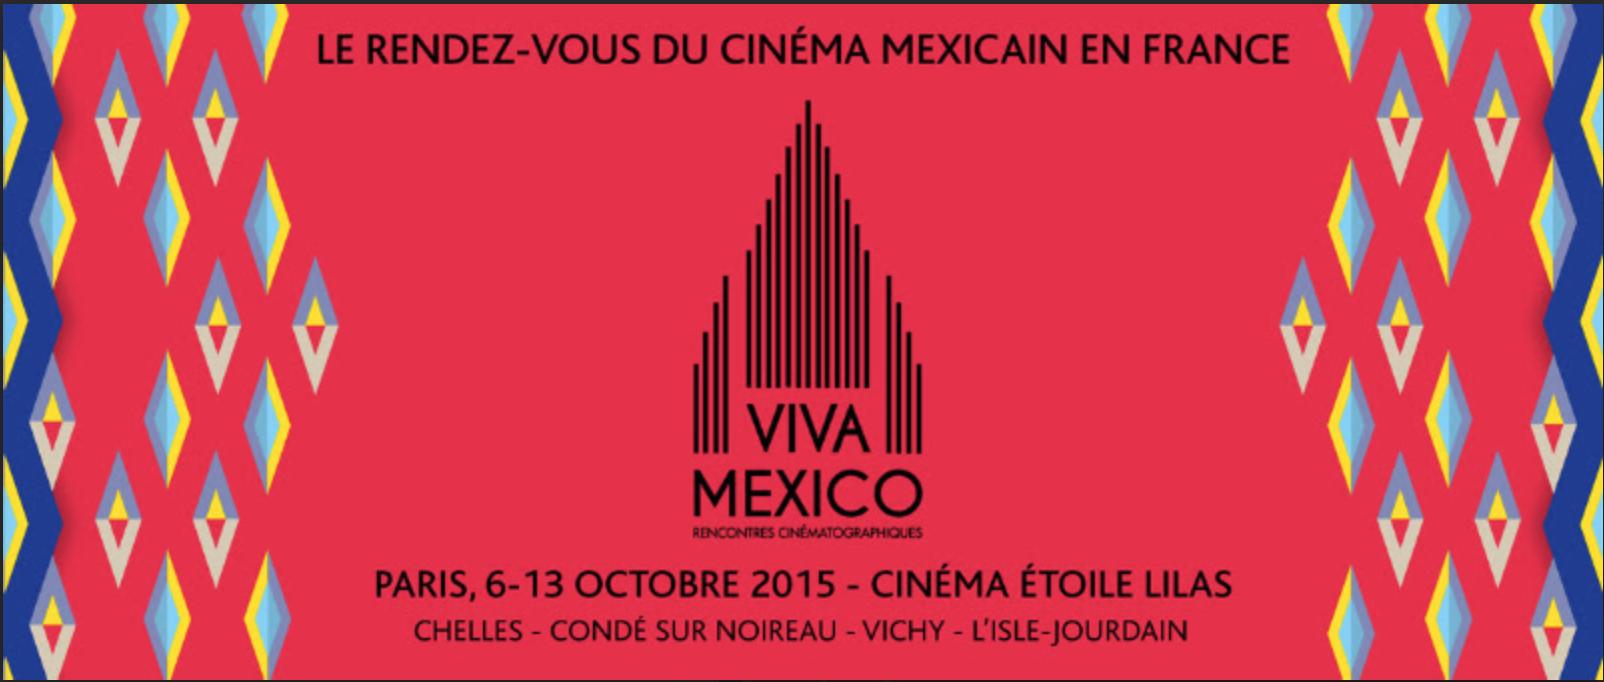 Affiche du festival, du 6 au 13 octobre 2015